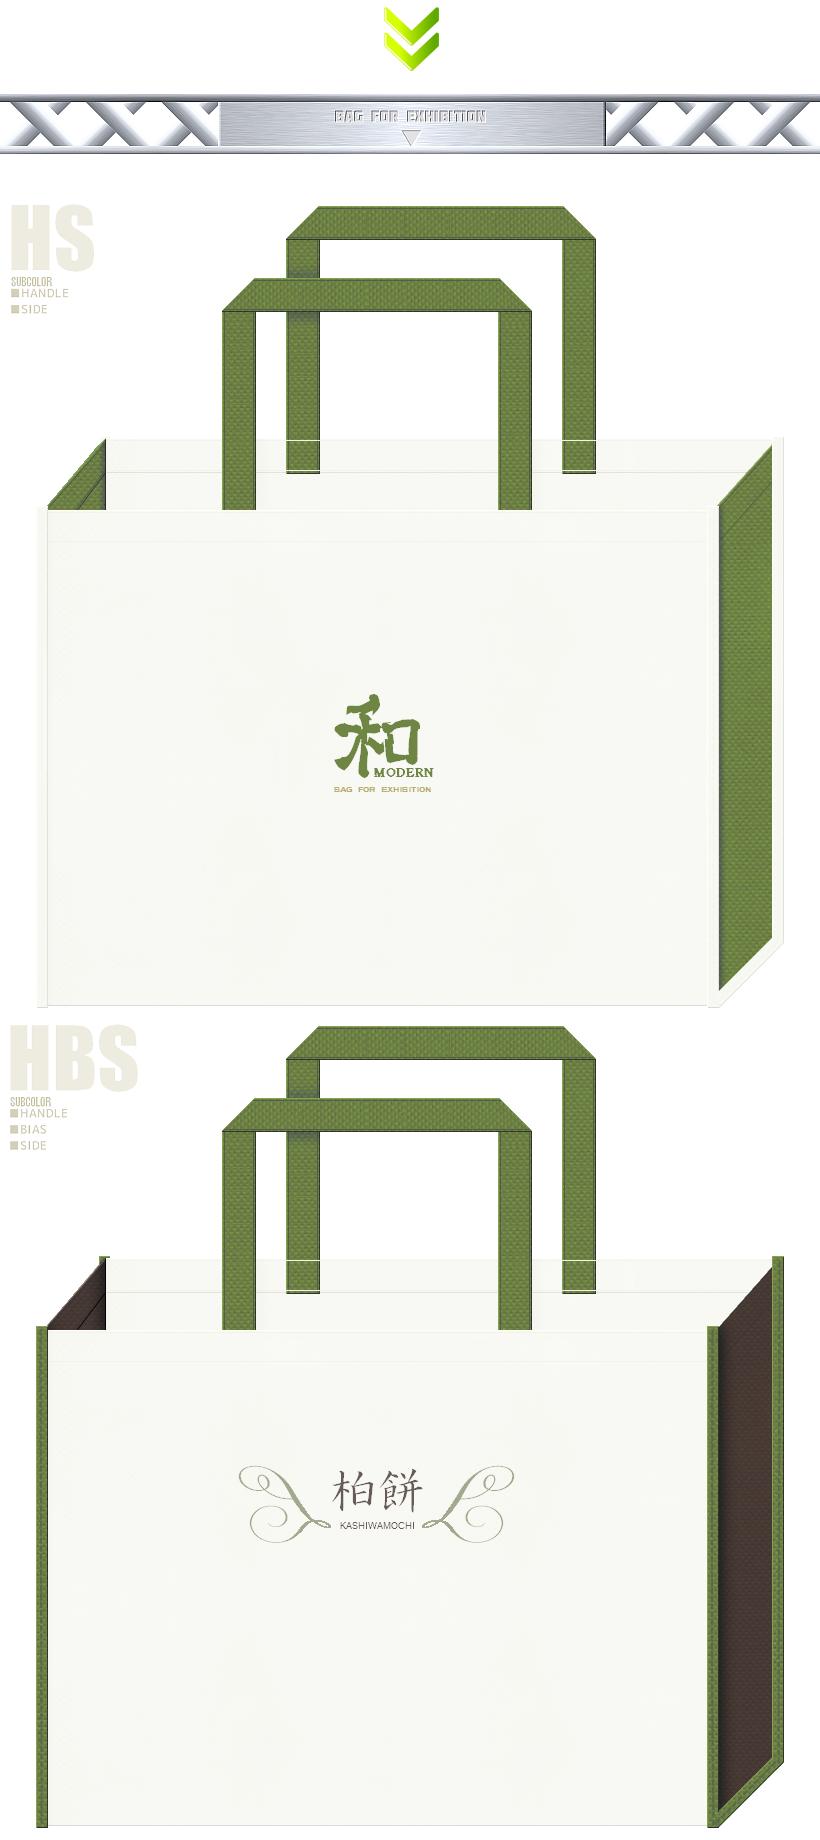 オフホワイト色と草色とこげ茶色の不織布バッグデザイン:和モダン・柏餅・和菓子・和風商品の展示会用バッグ